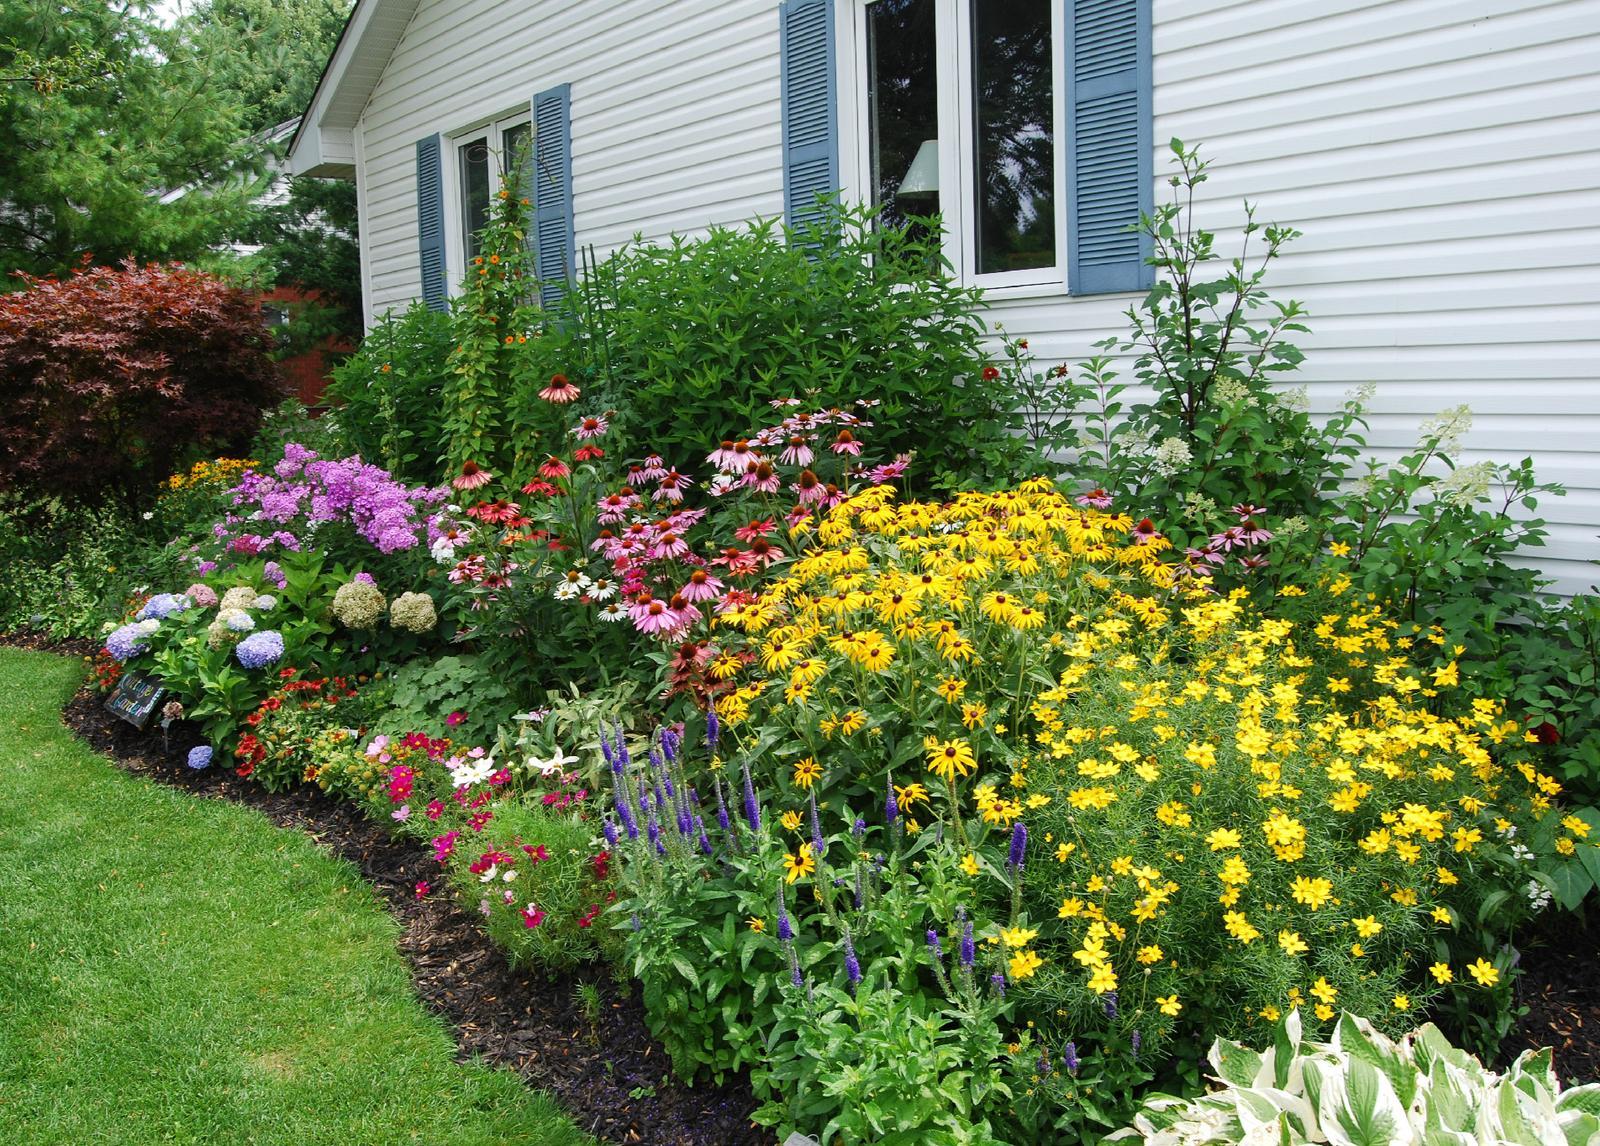 Zahrada - inspirace - zprava - bohyška, rozrazil, krásnoočko přeslenité, rudbekia, echinacea, dole pak pravděpodobně krásnoočko, dále ostálky, vzadu hortenzie a nejspíš vysoké floxy